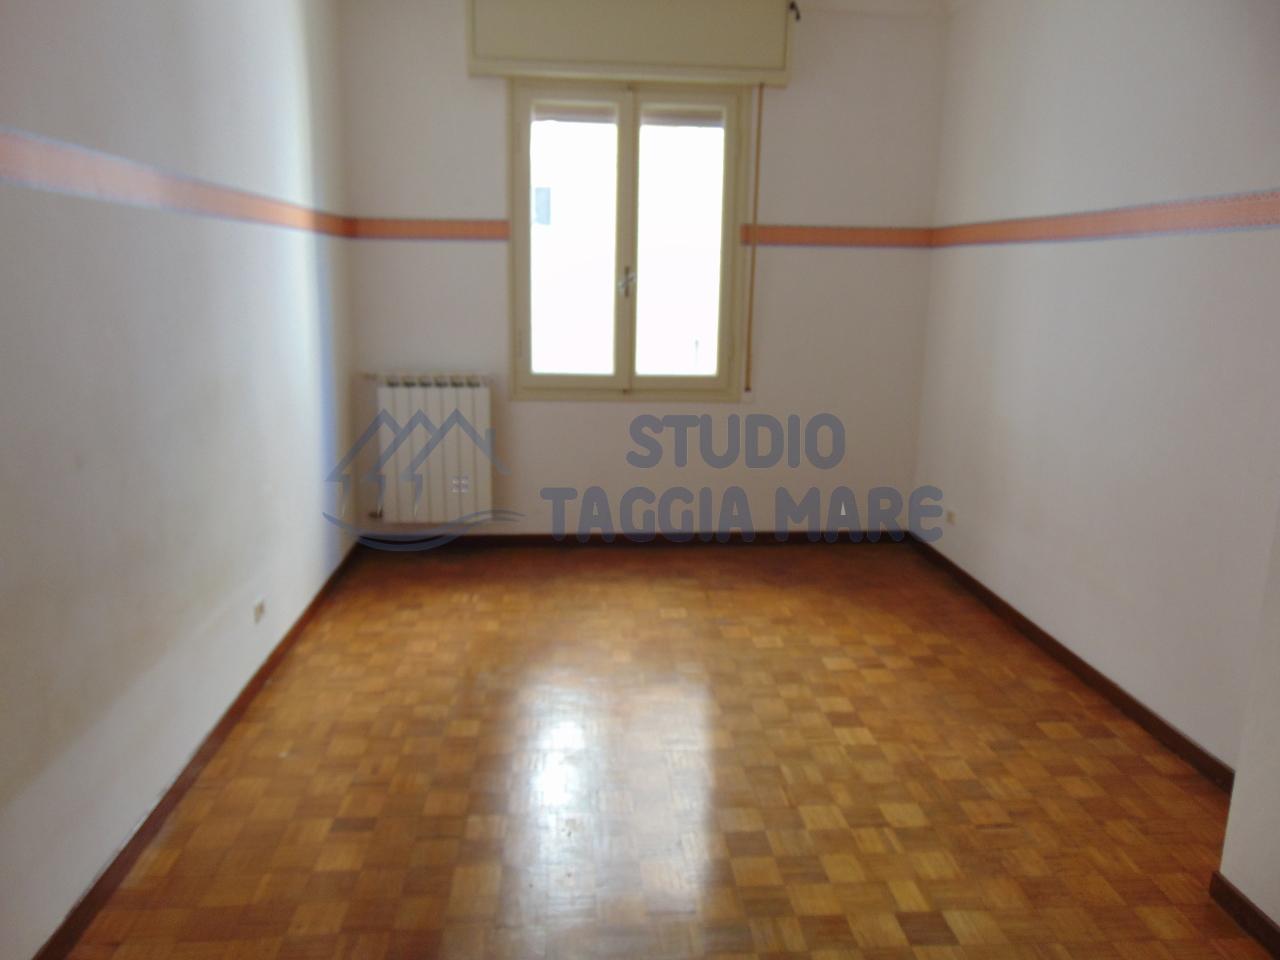 Appartamento in vendita a SanRemo, 4 locali, prezzo € 99.000 | CambioCasa.it